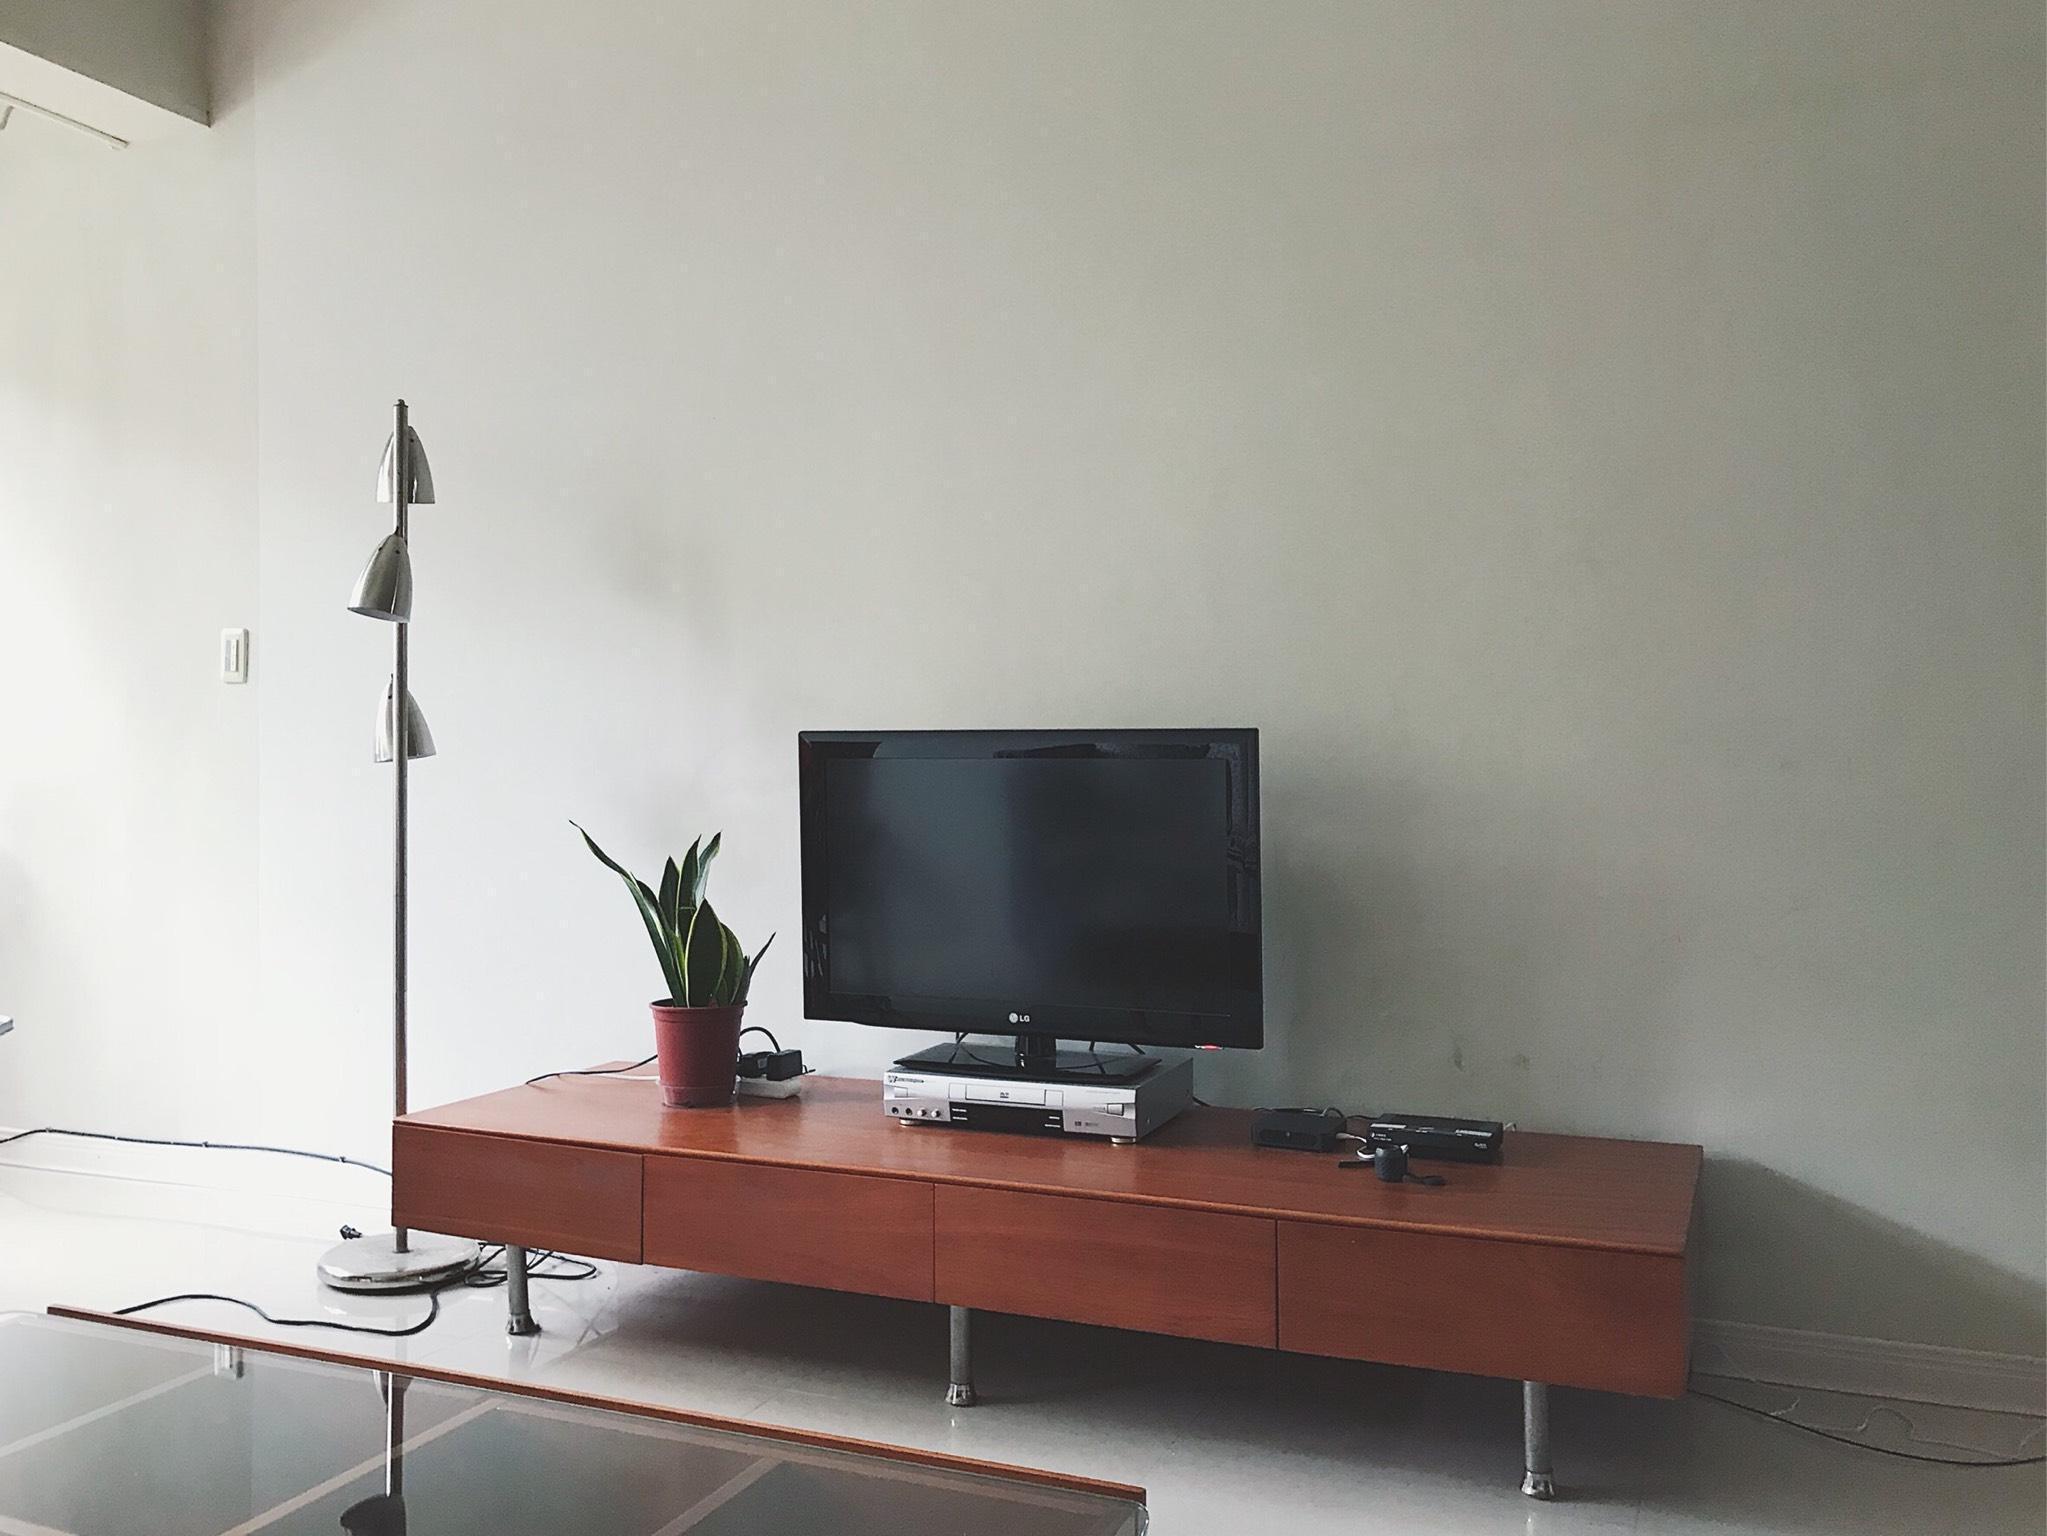 M house MRT國父紀念館站 1 min 台北 東區 信義區